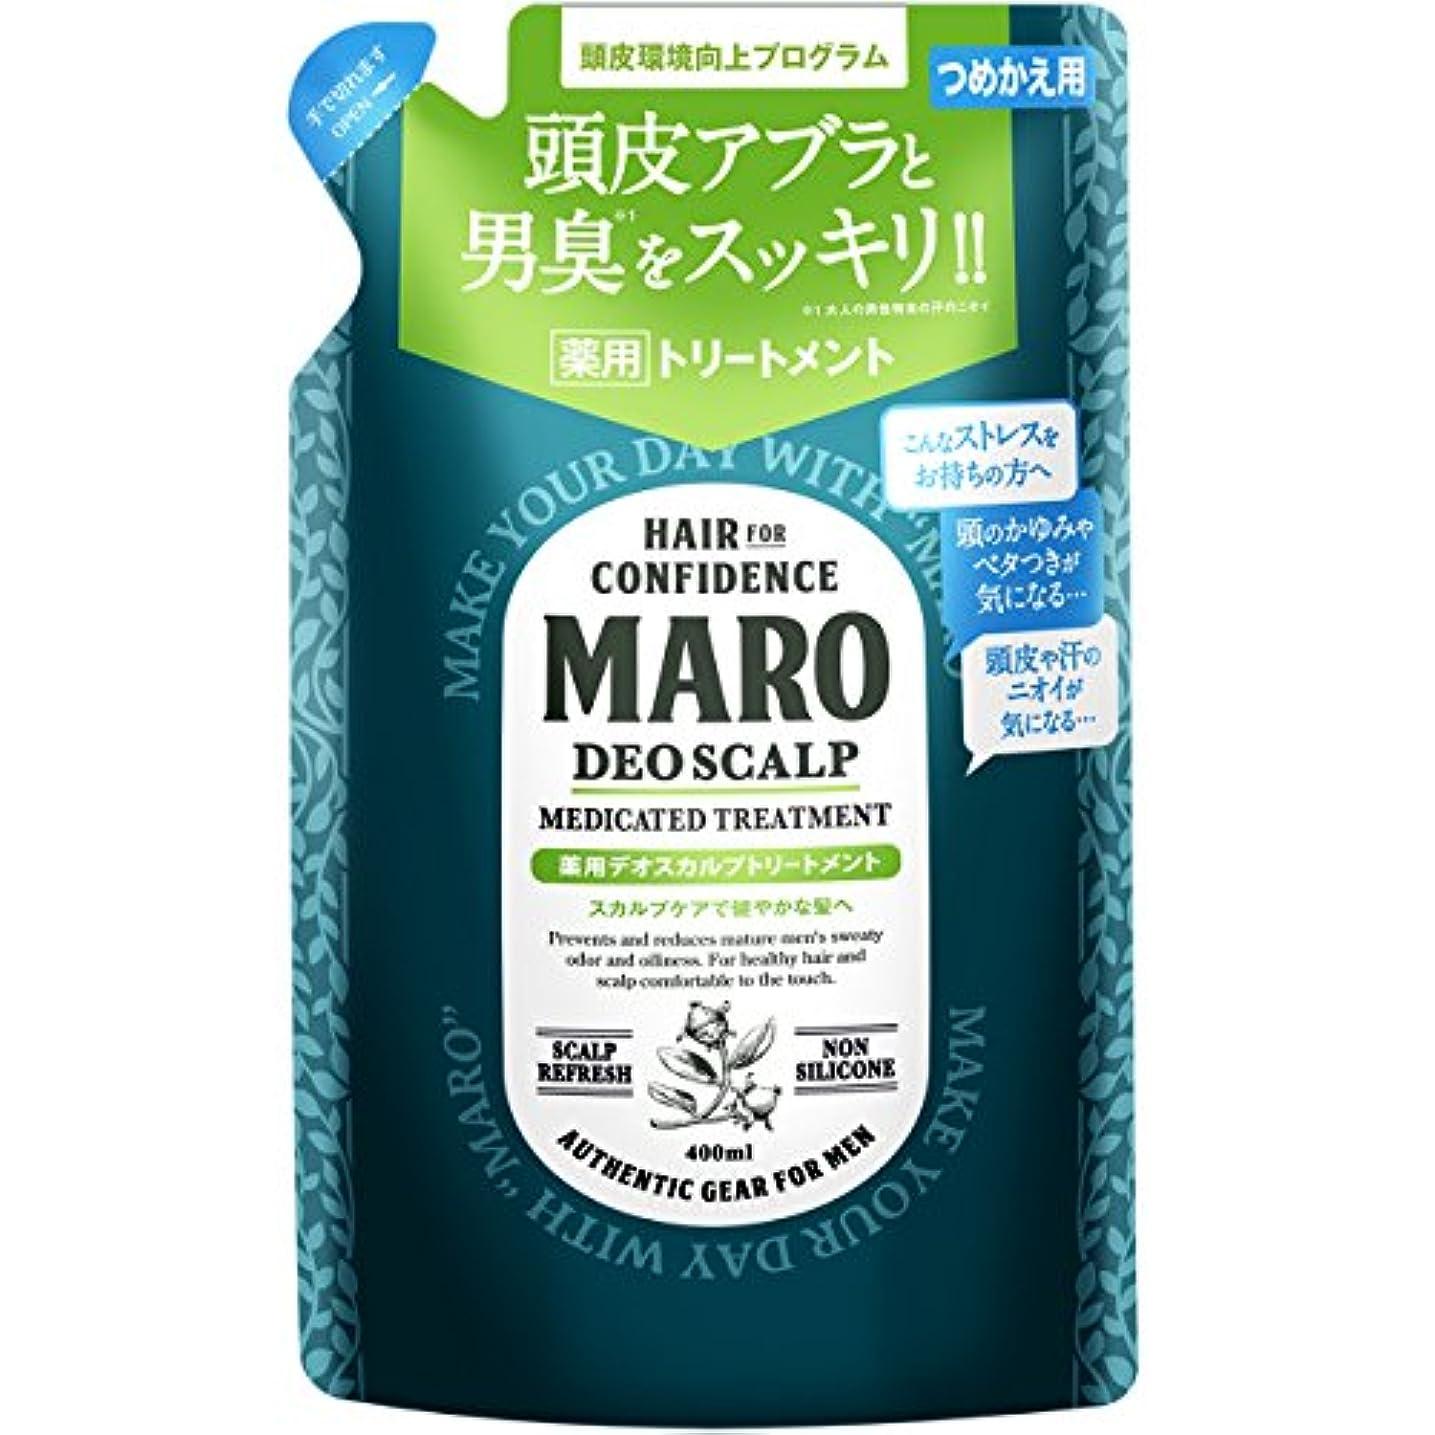 ピボットかどうか残高MARO 薬用 デオスカルプ トリートメント 詰め替え 400ml 【医薬部外品】